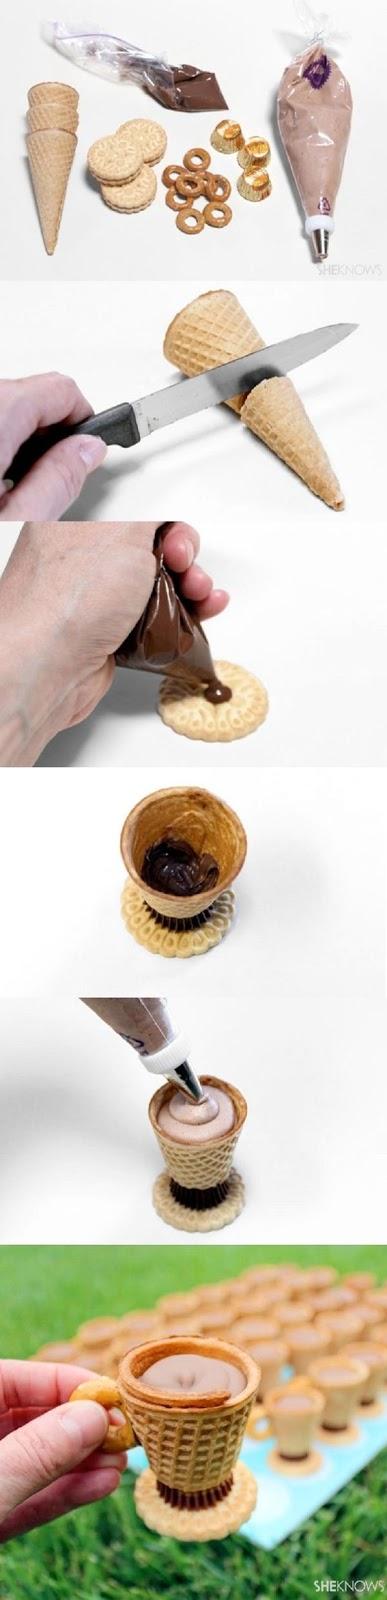 DIY cone cup